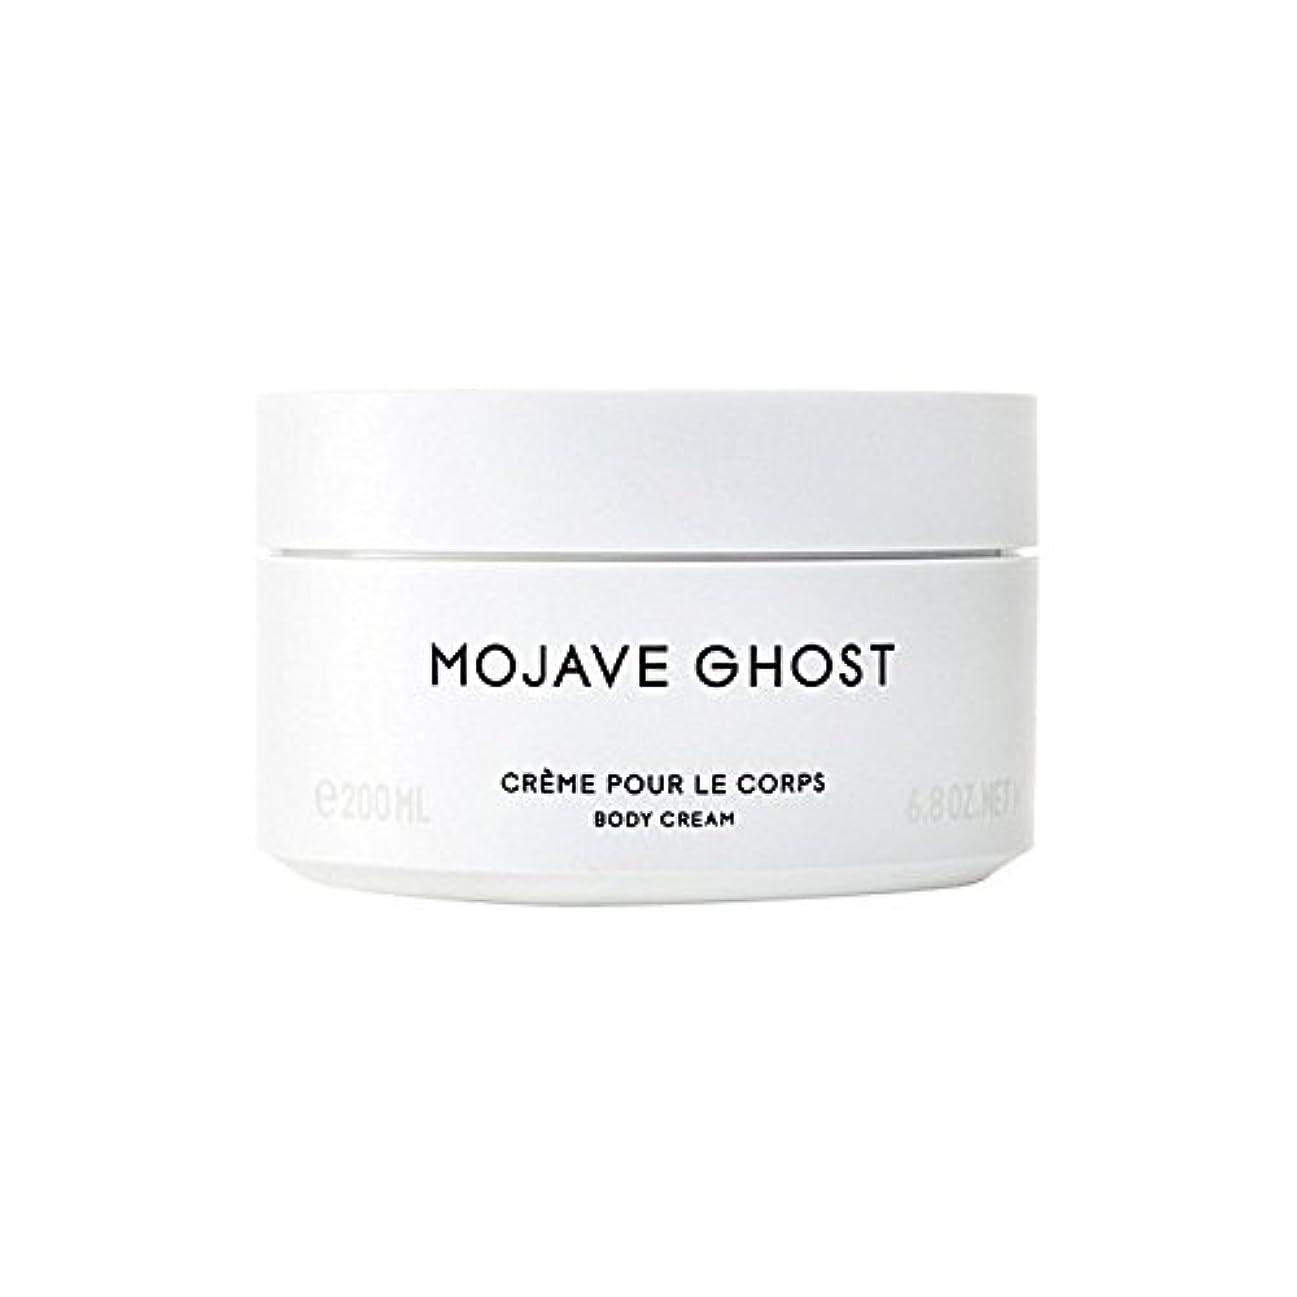 原稿スプレーおかしいByredo Mojave Ghost Body Cream 200ml (Pack of 6) - モハーベゴーストボディクリーム200ミリリットル x6 [並行輸入品]